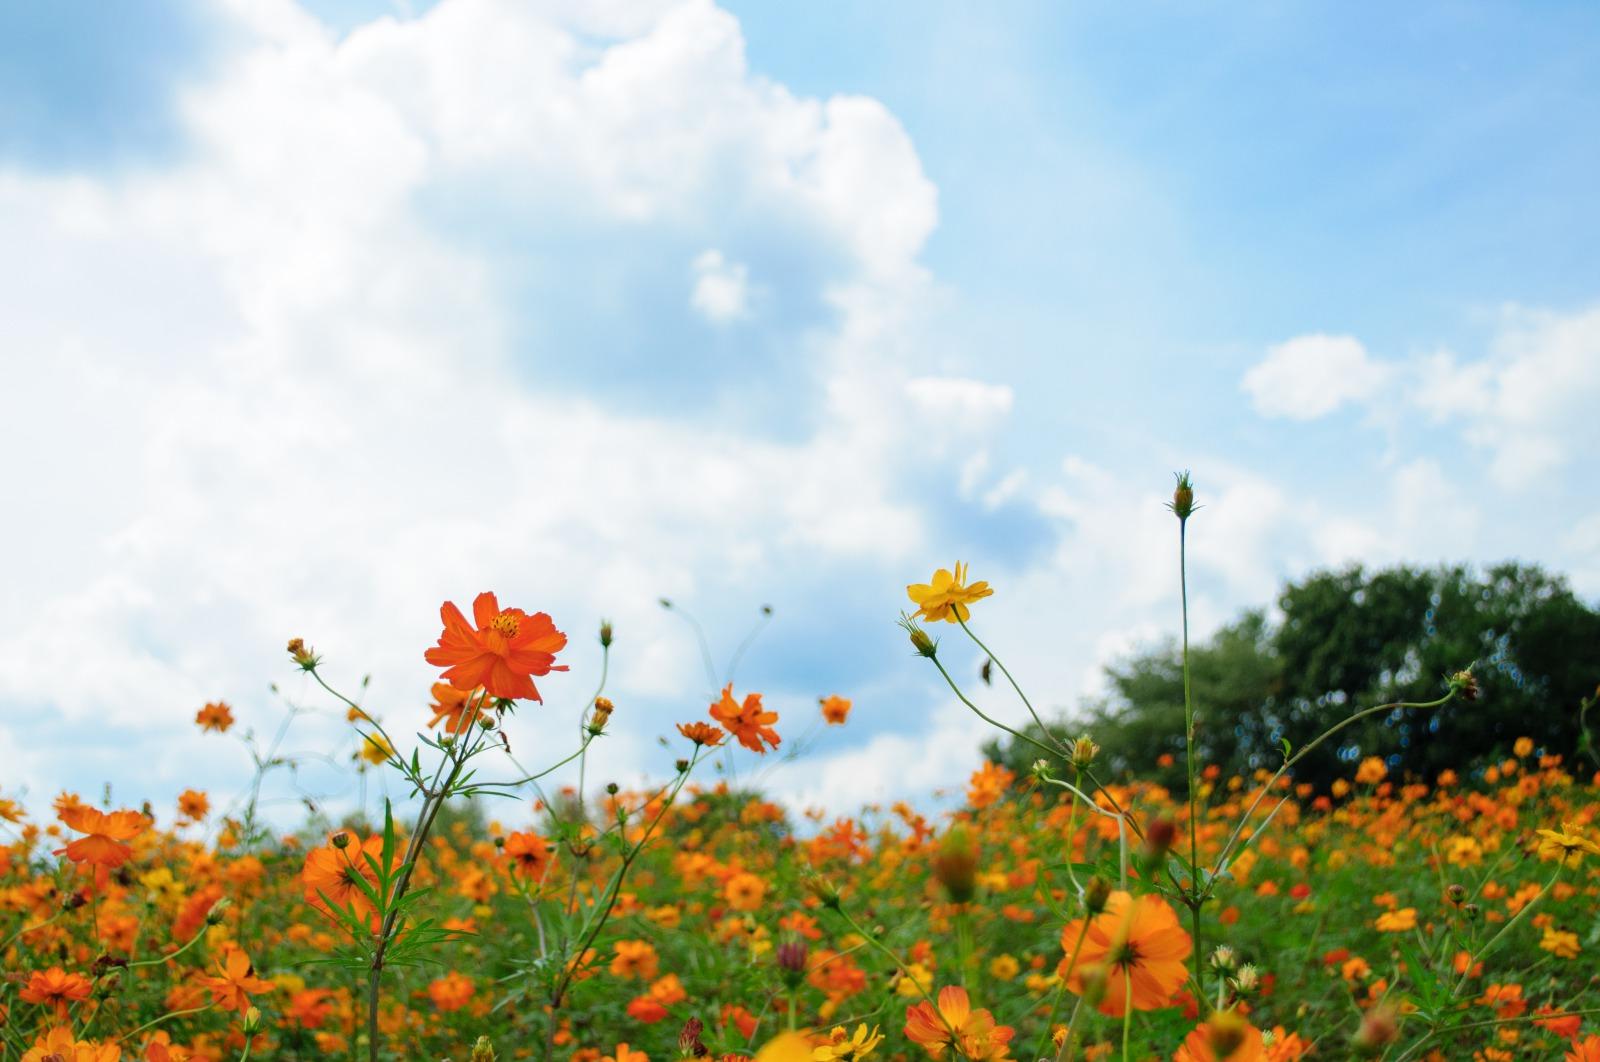 仙台で自然を感じられる場所3選